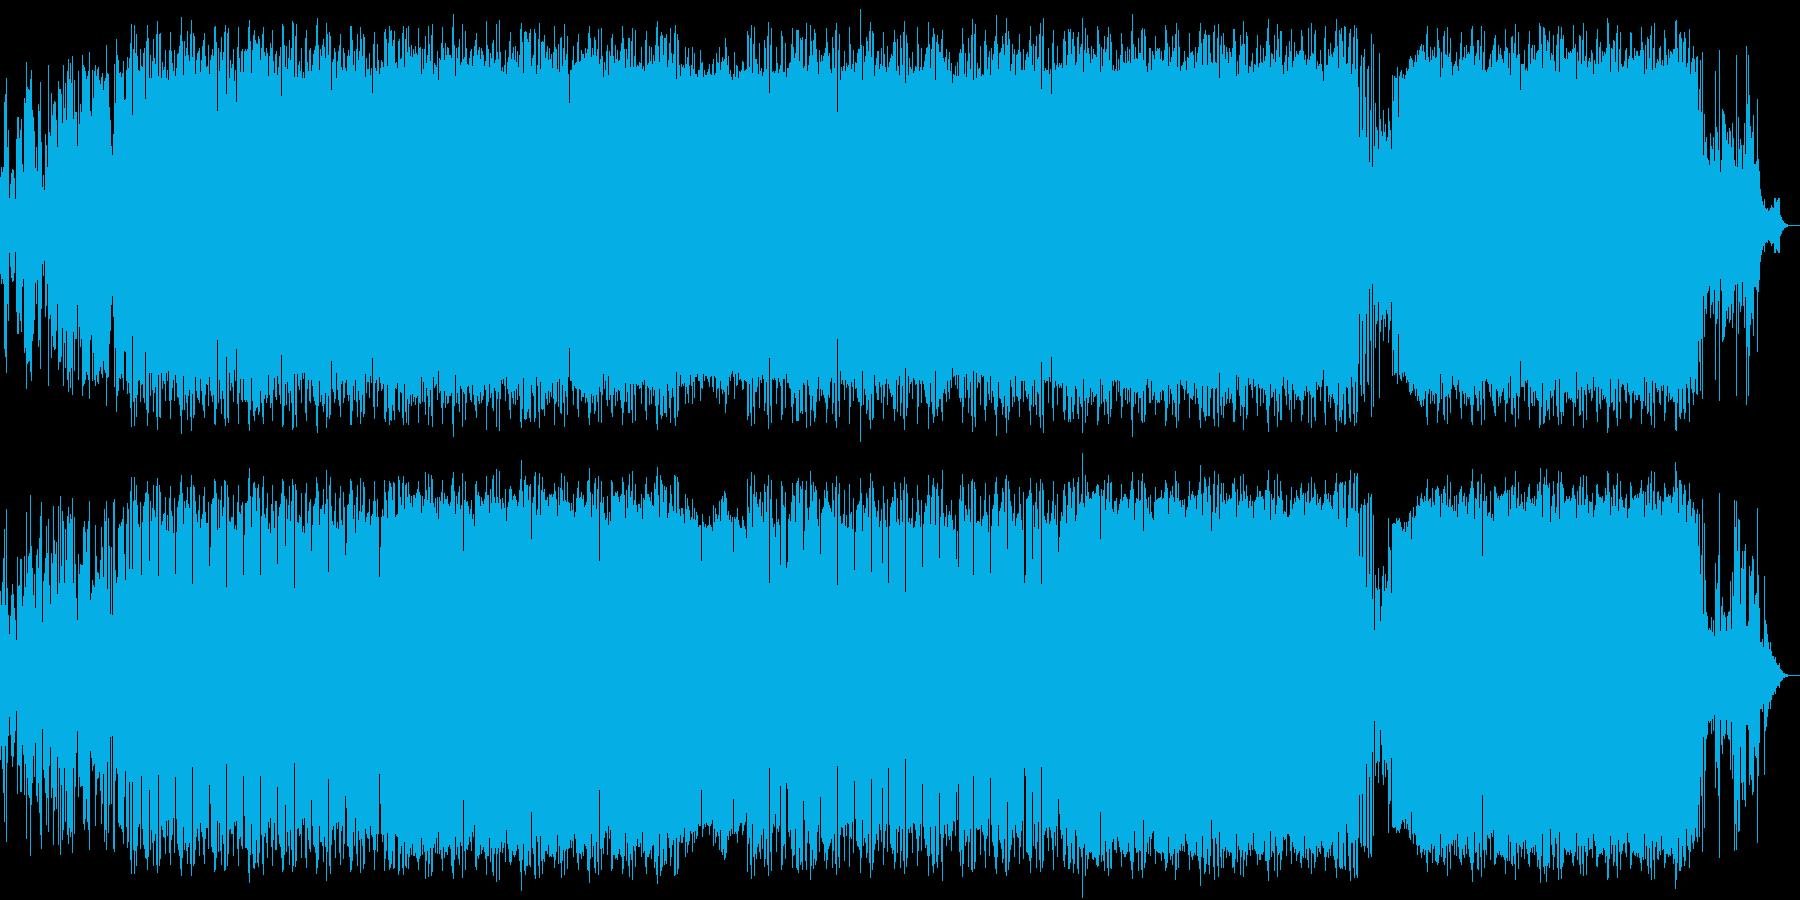 ピアノの旋律が印象的なバラード/ポップスの再生済みの波形